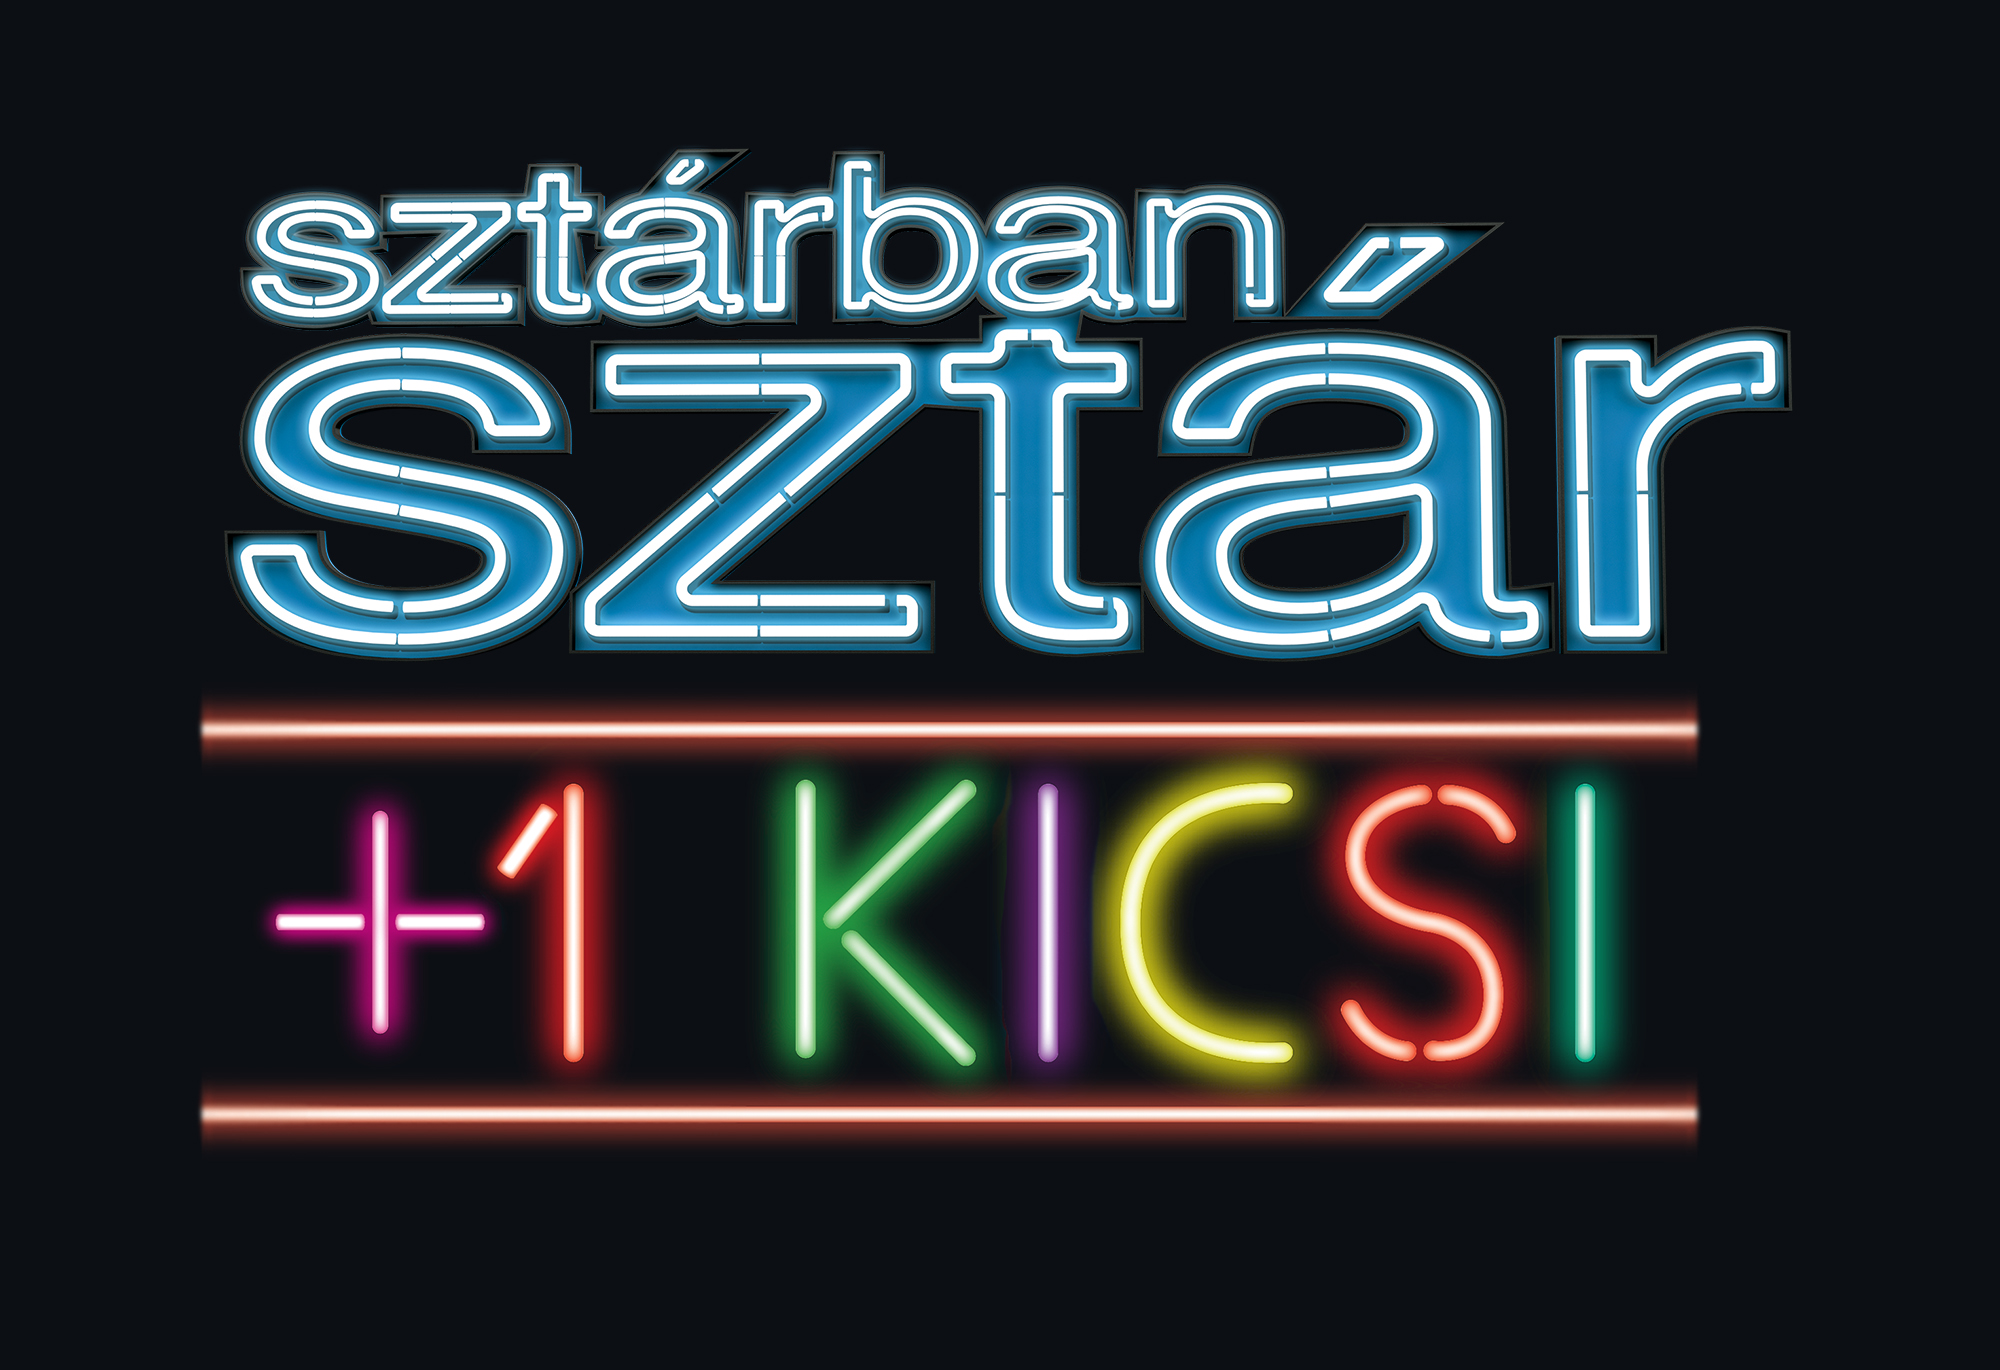 sztarbansztar_1kicsi_logo.jpg